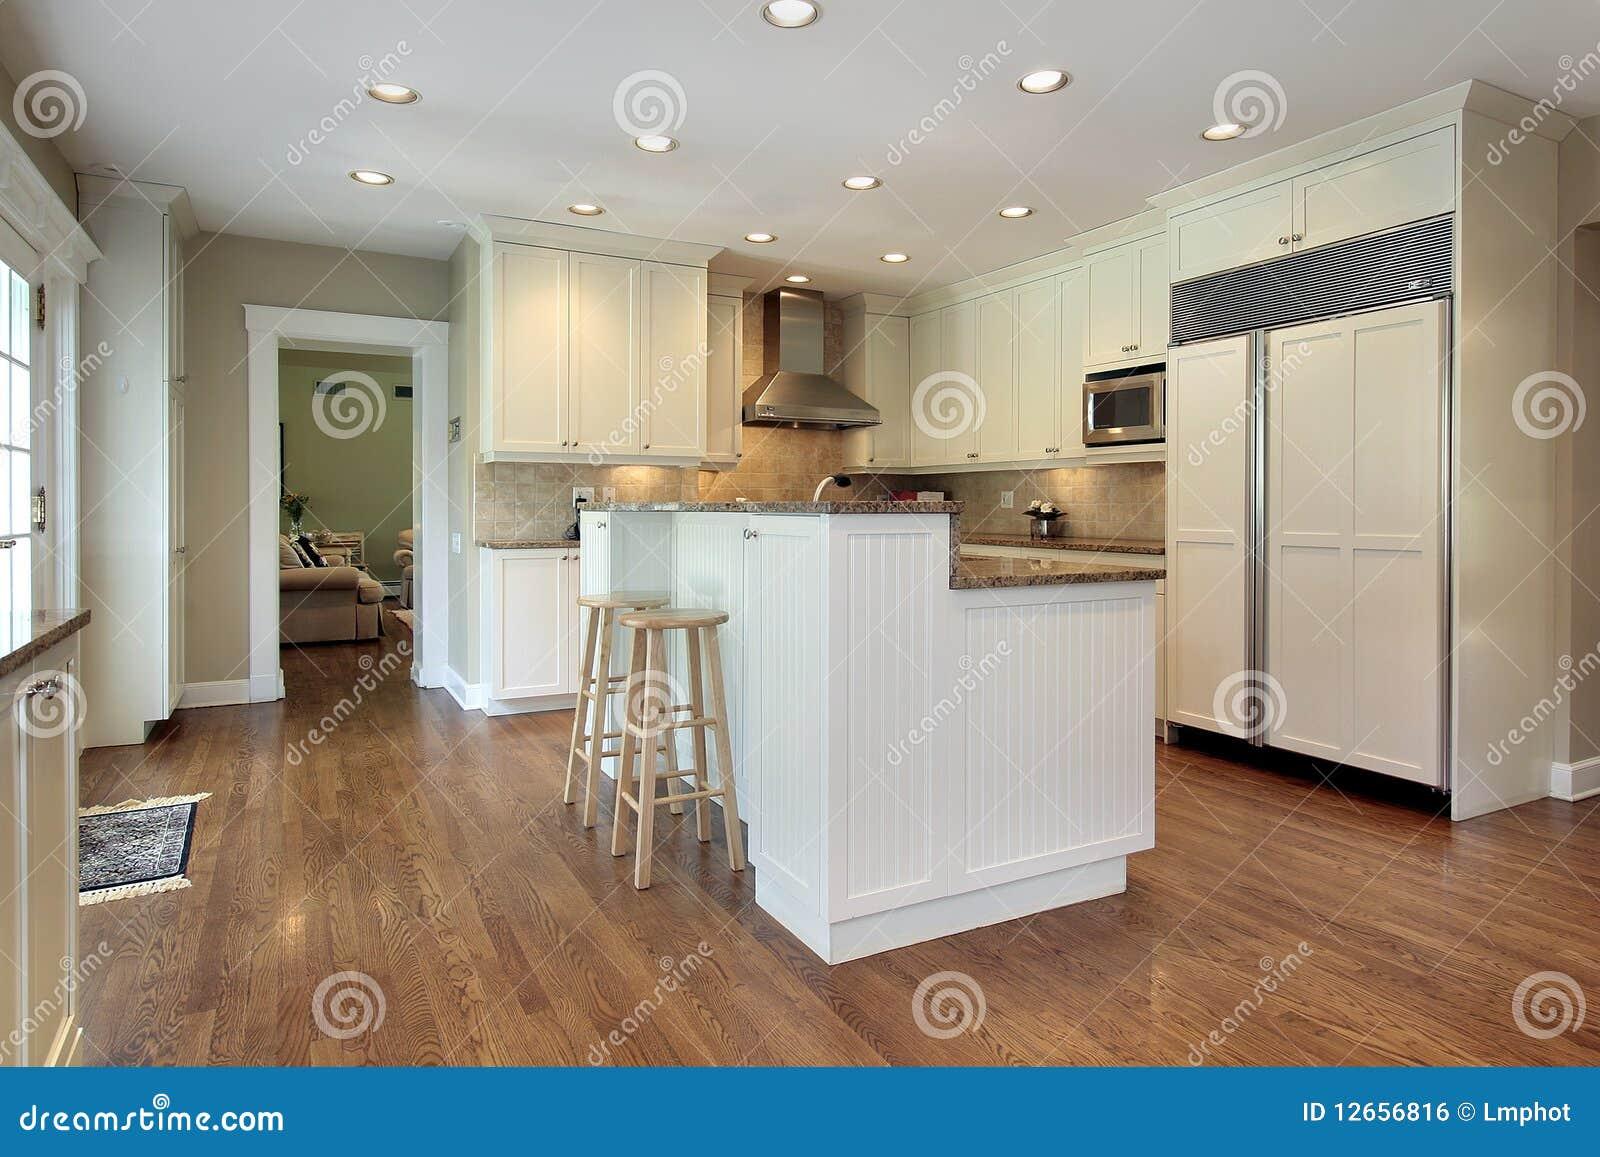 Keuken met eiland op twee niveaus royalty vrije stock afbeelding afbeelding 12656816 - Eigentijdse keuken met eiland ...